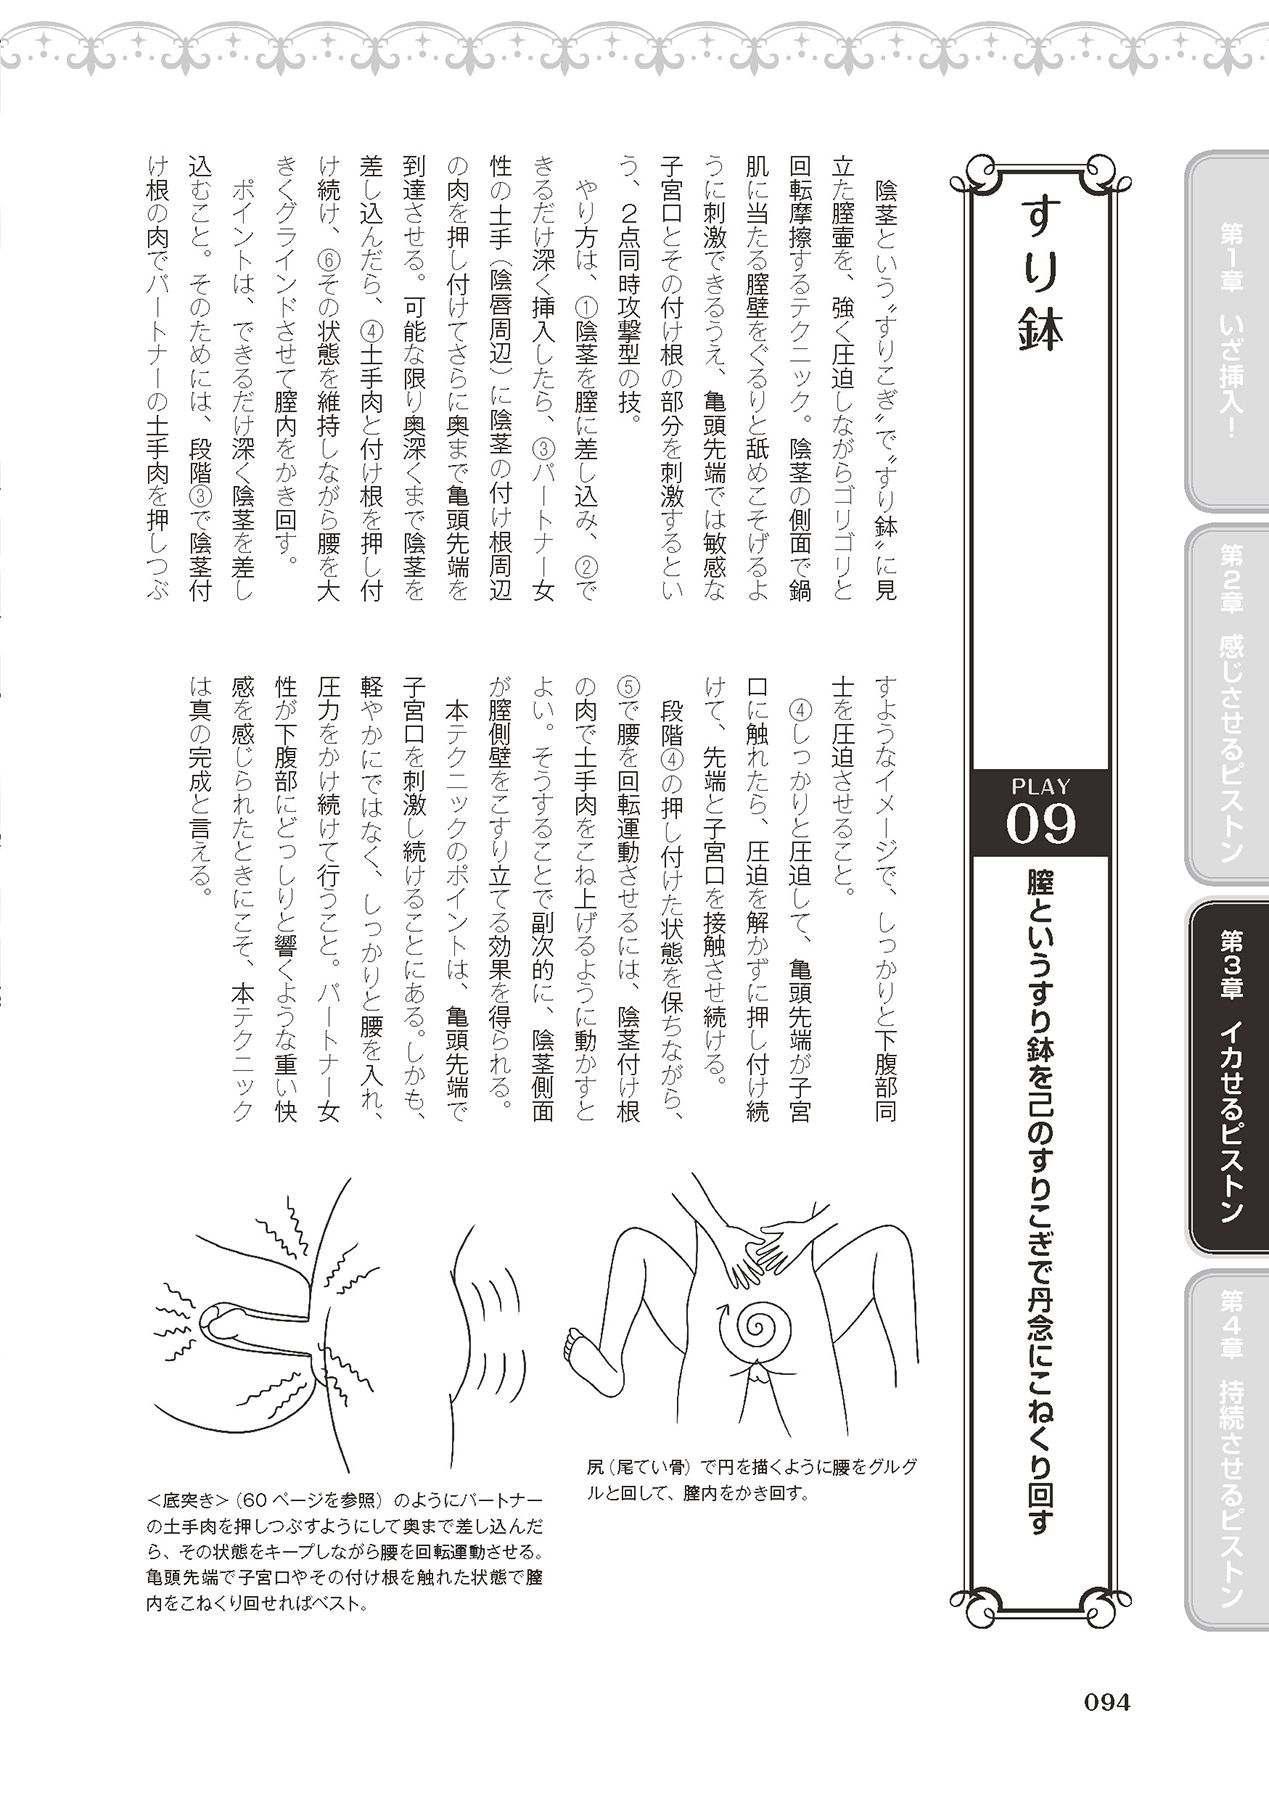 膣挿入&ピストン運動完全マニュアル イラスト版……ピスとんッ! 95